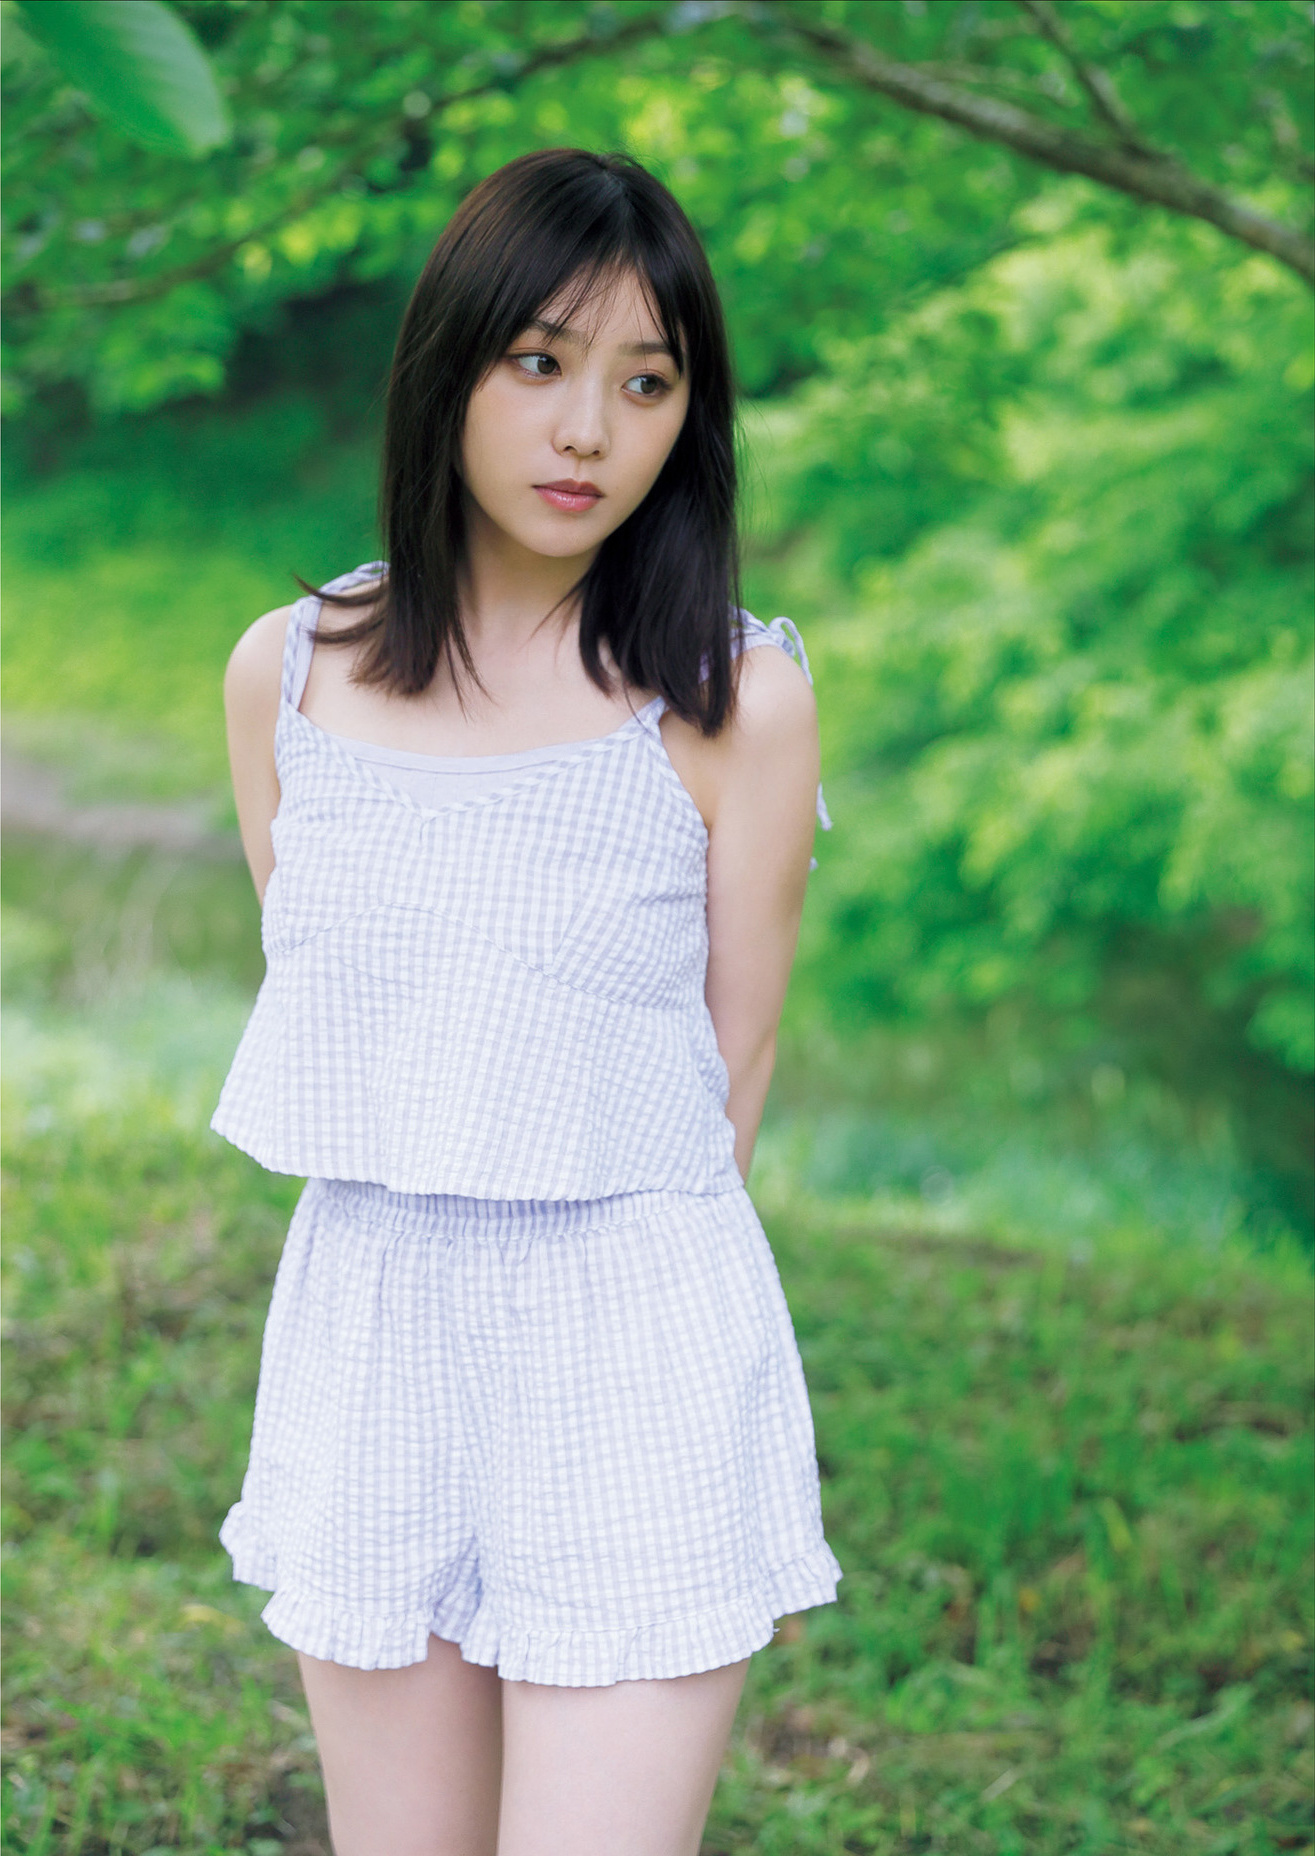 喵妹子写真专辑(第14辑) 养眼图片 第14张